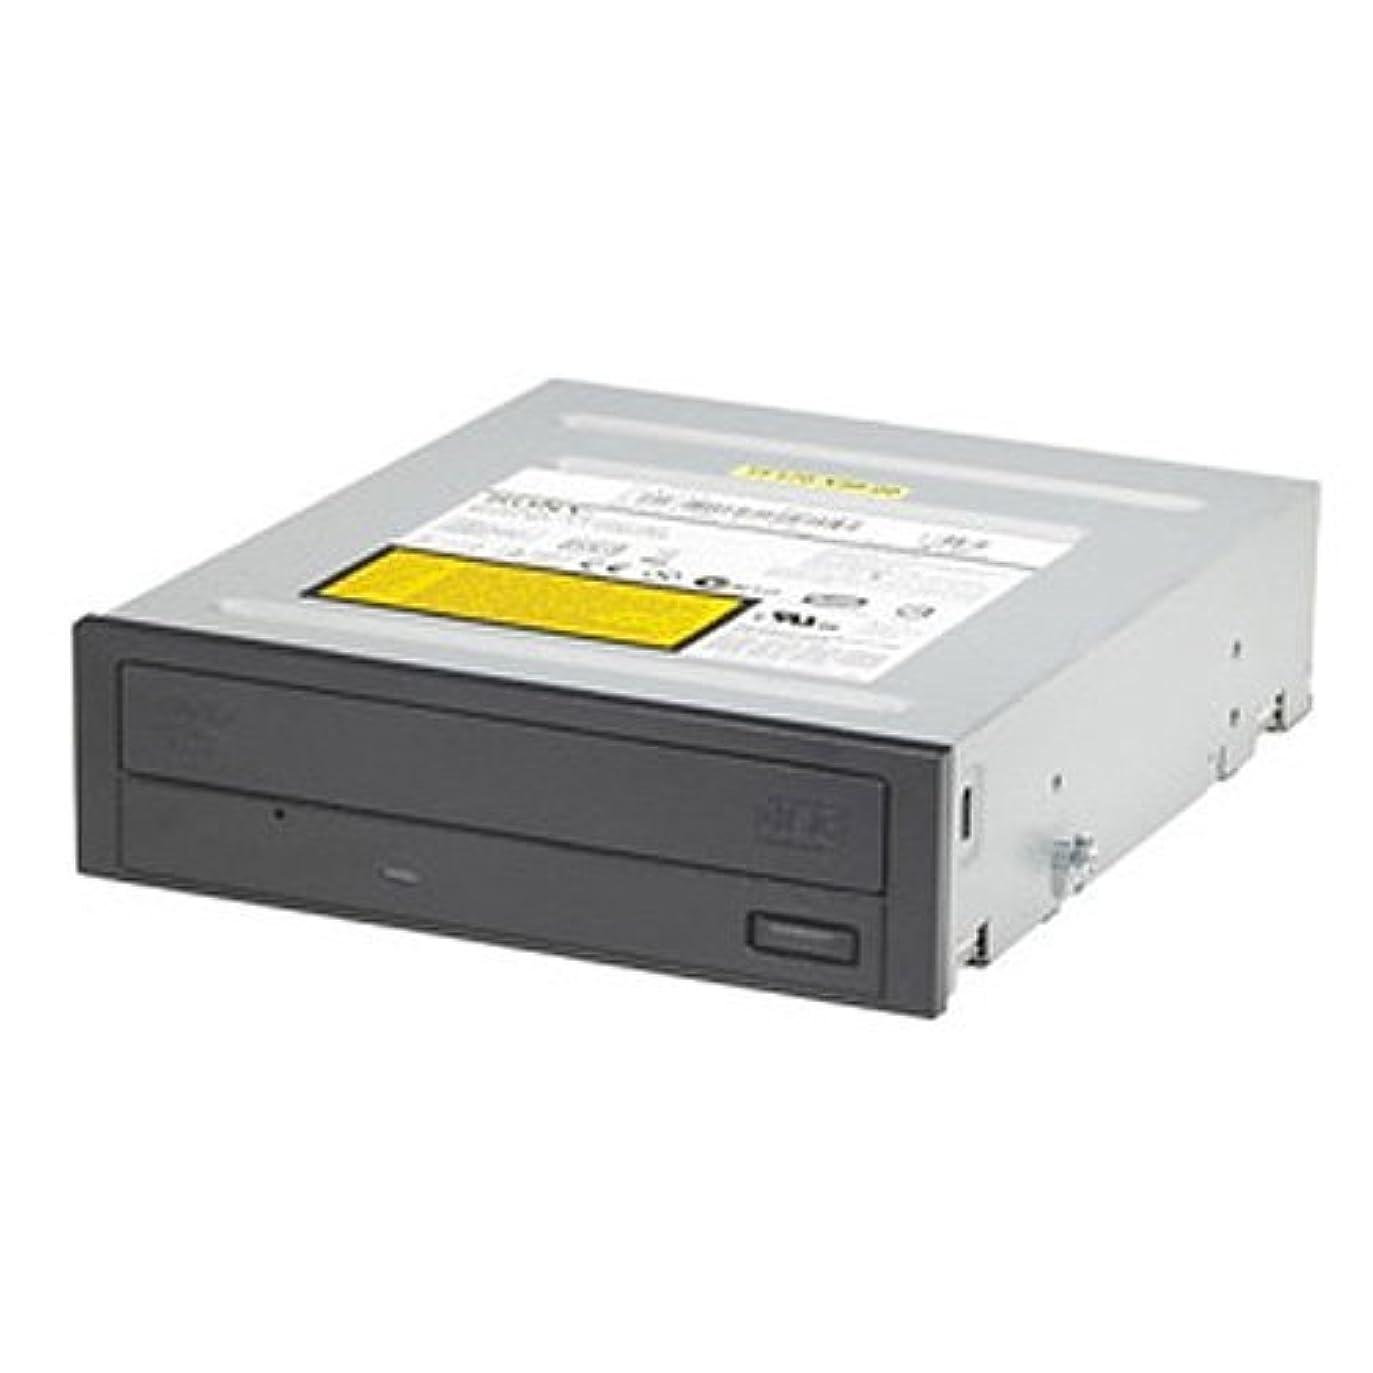 罰する未満歌手Dell OptiPlex/寸法/Inspiron 16 x DVD +/- RW SATA光学drive- h325t